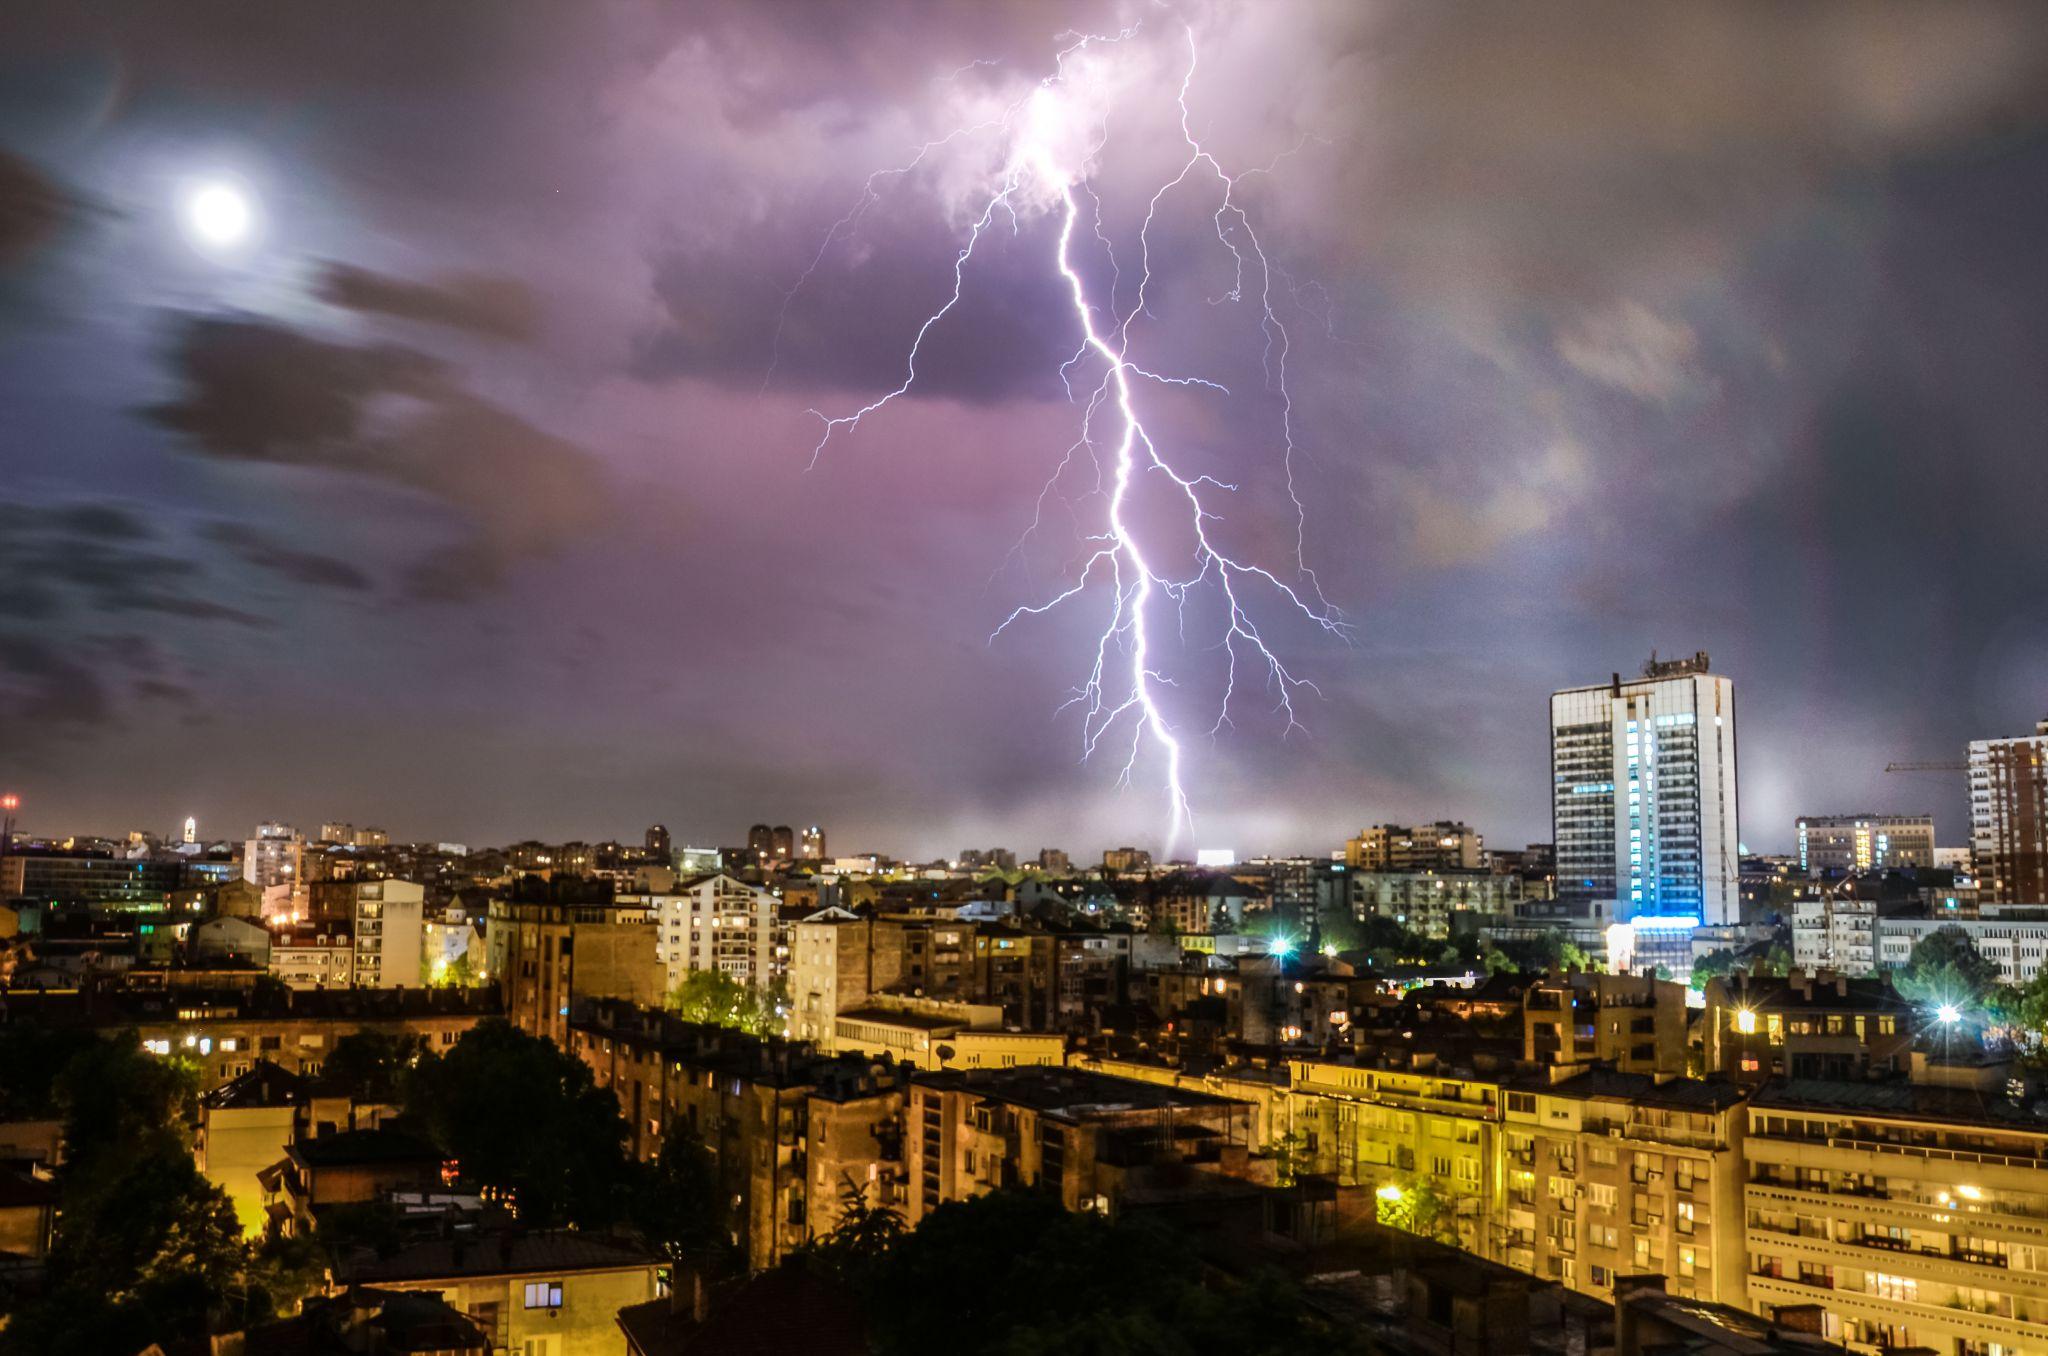 Belgrade thunderstorm, Serbia